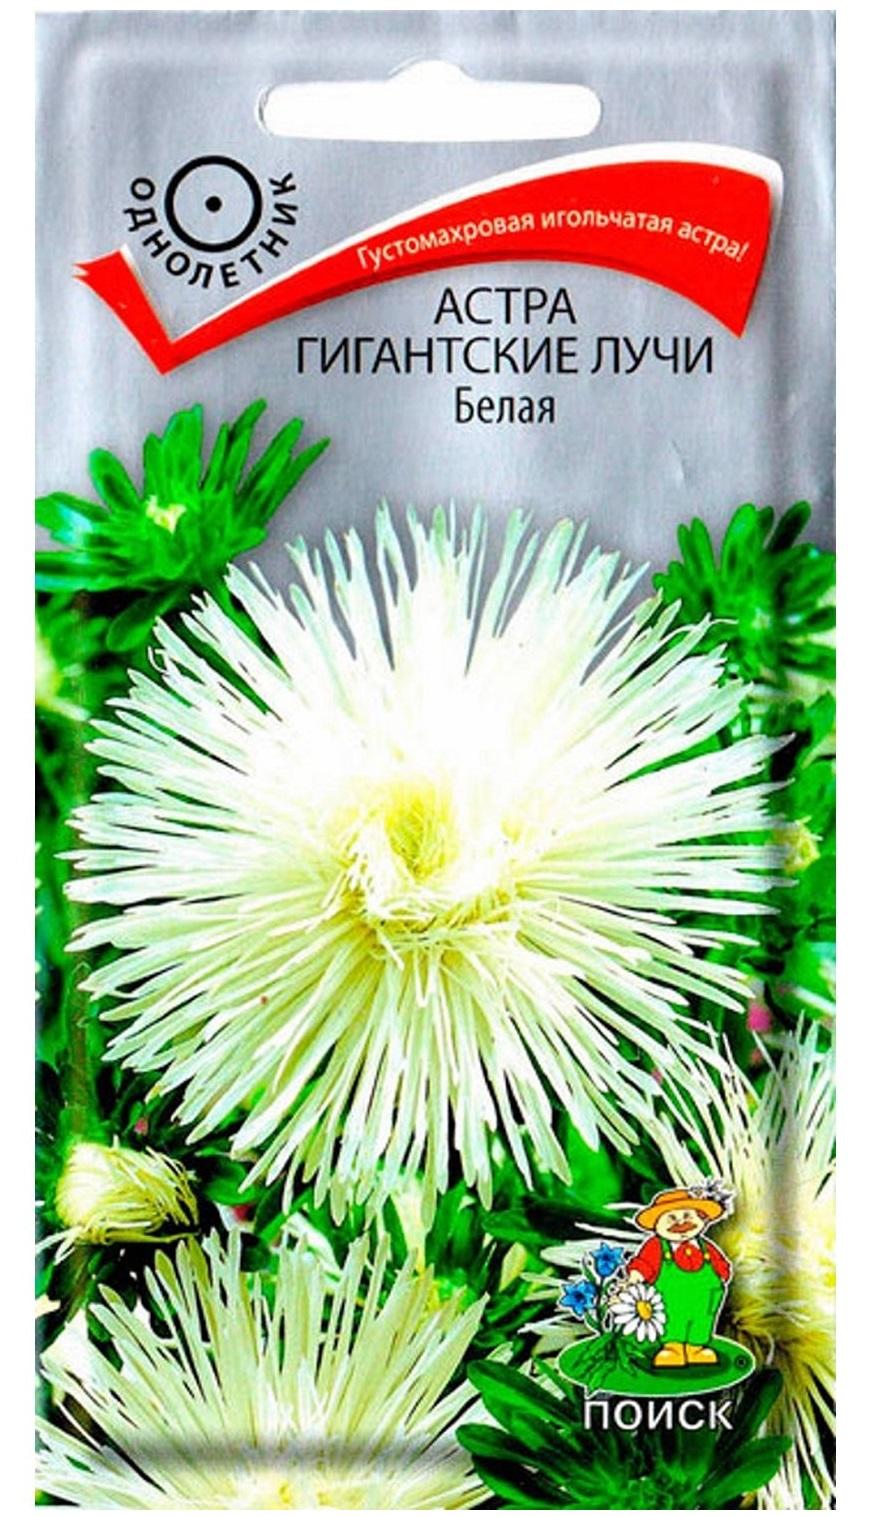 Семена Астра Гигантские лучи Белая, 0,3 г Поиск